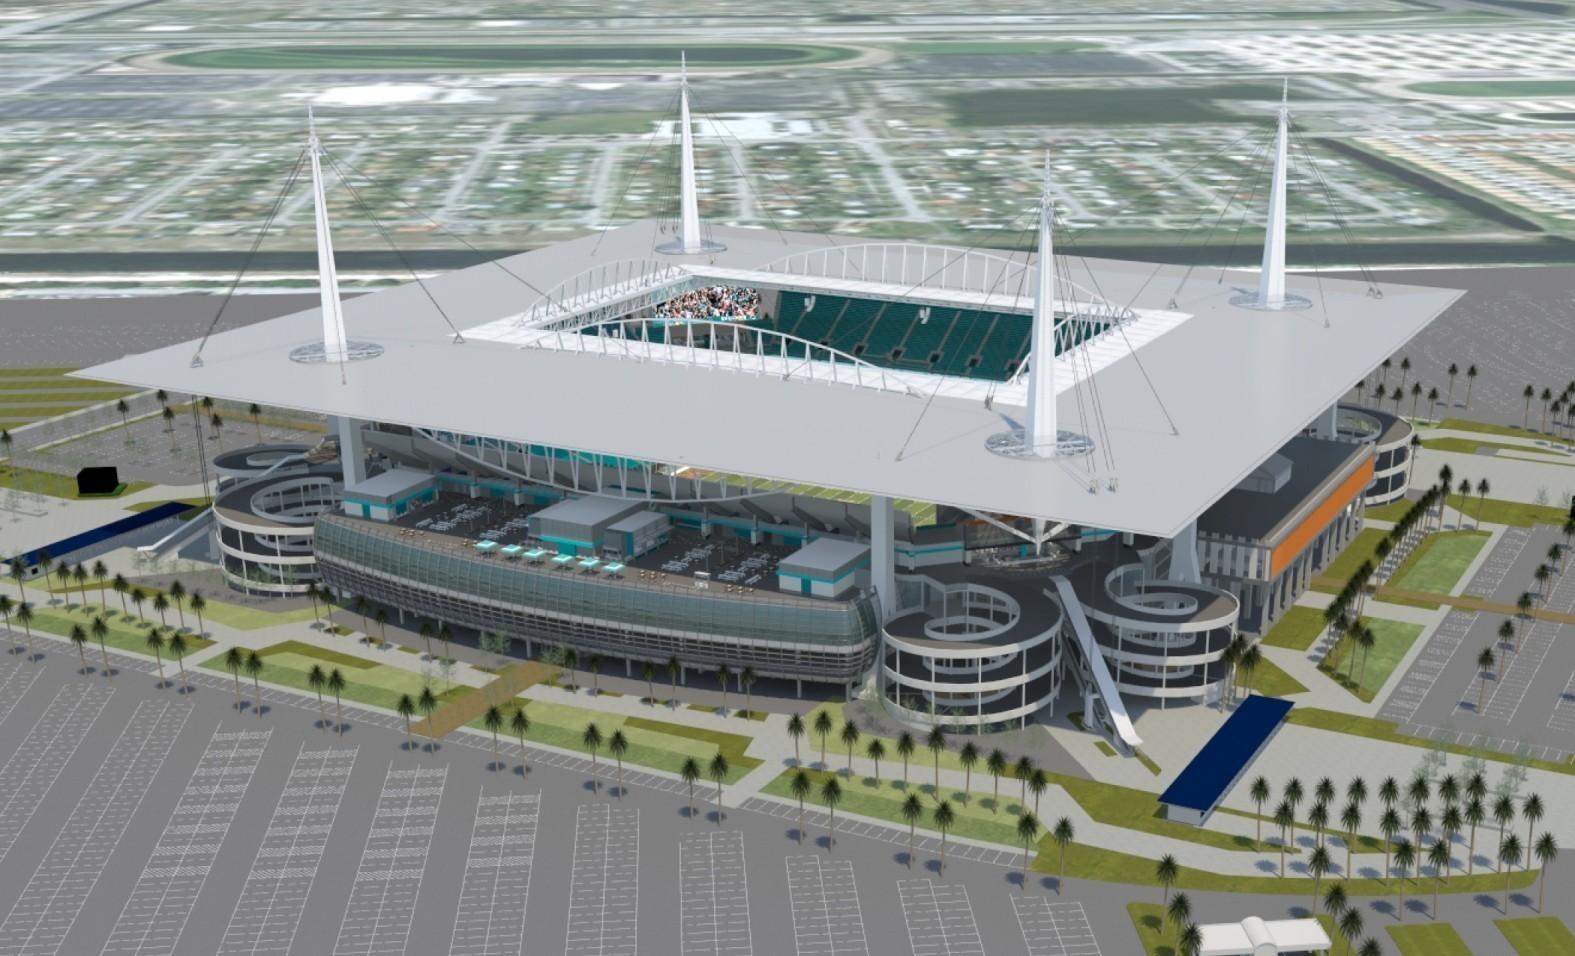 Miami Hurricanes Stadium Reseating Raises Questions